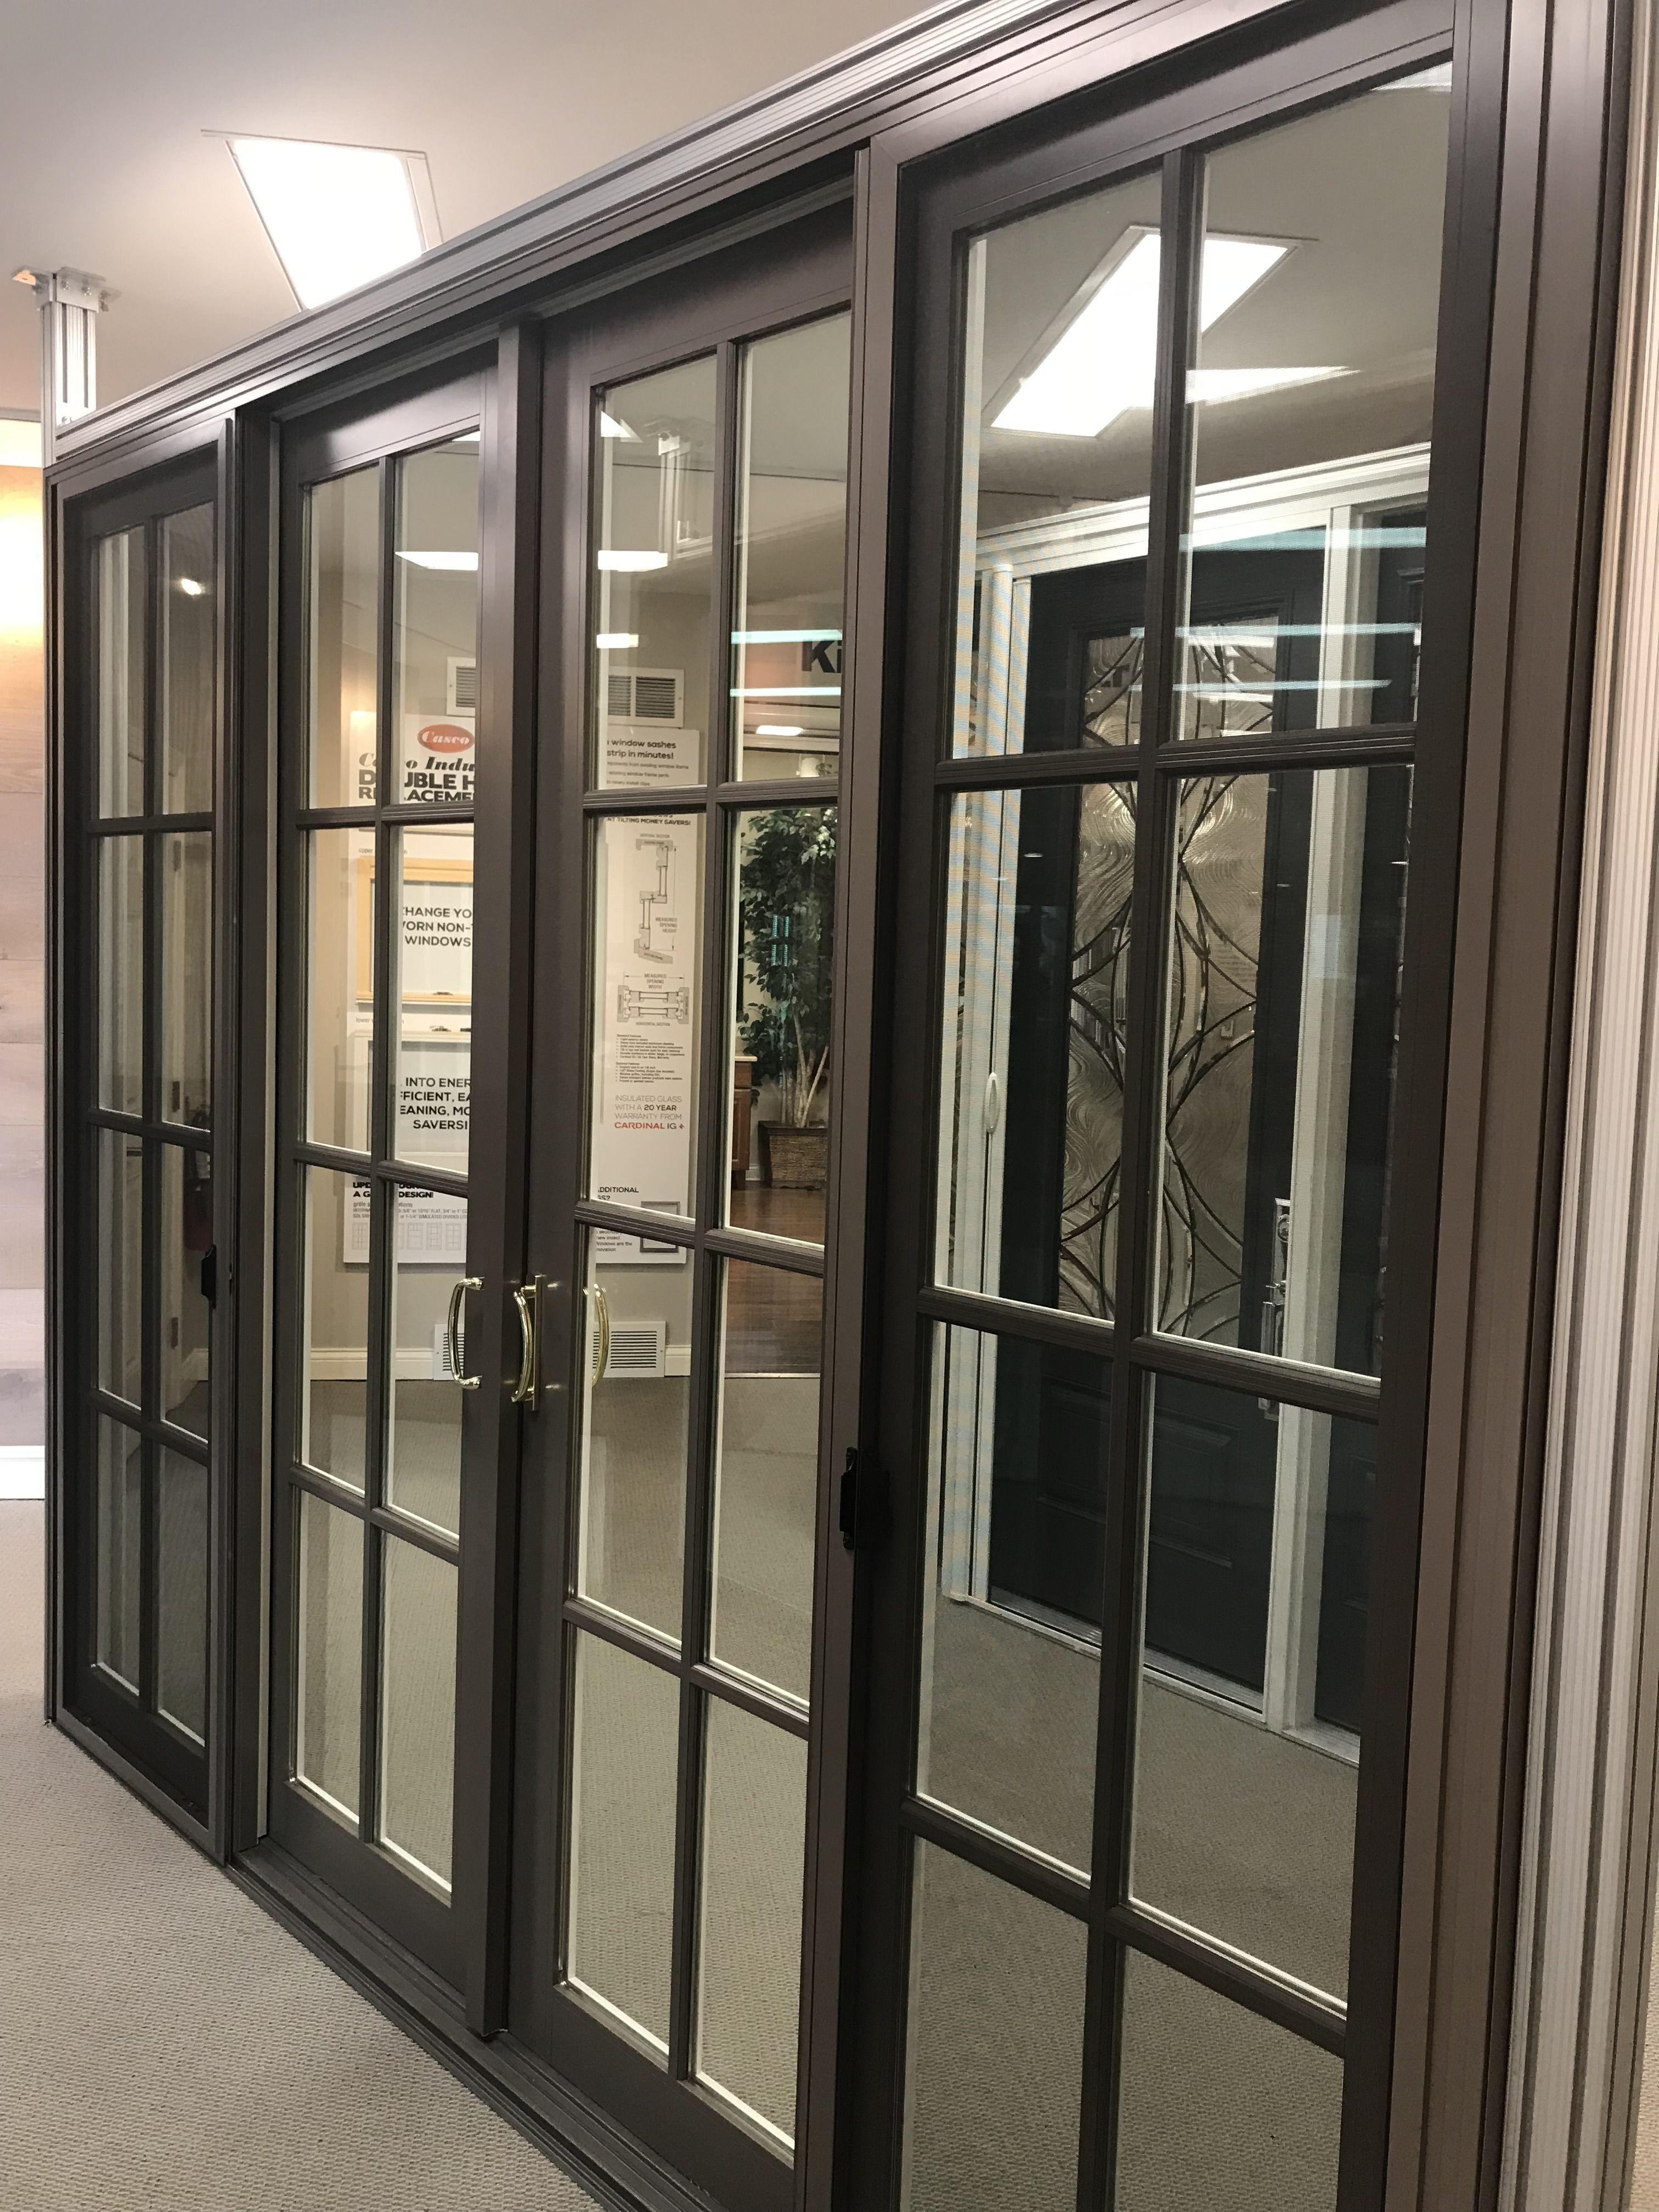 Casco Aluminum Clad Bi Parting Sliding Patio Door Manufactured In South Elgin Il Patio Doors Sliding Patio Doors Exterior Doors